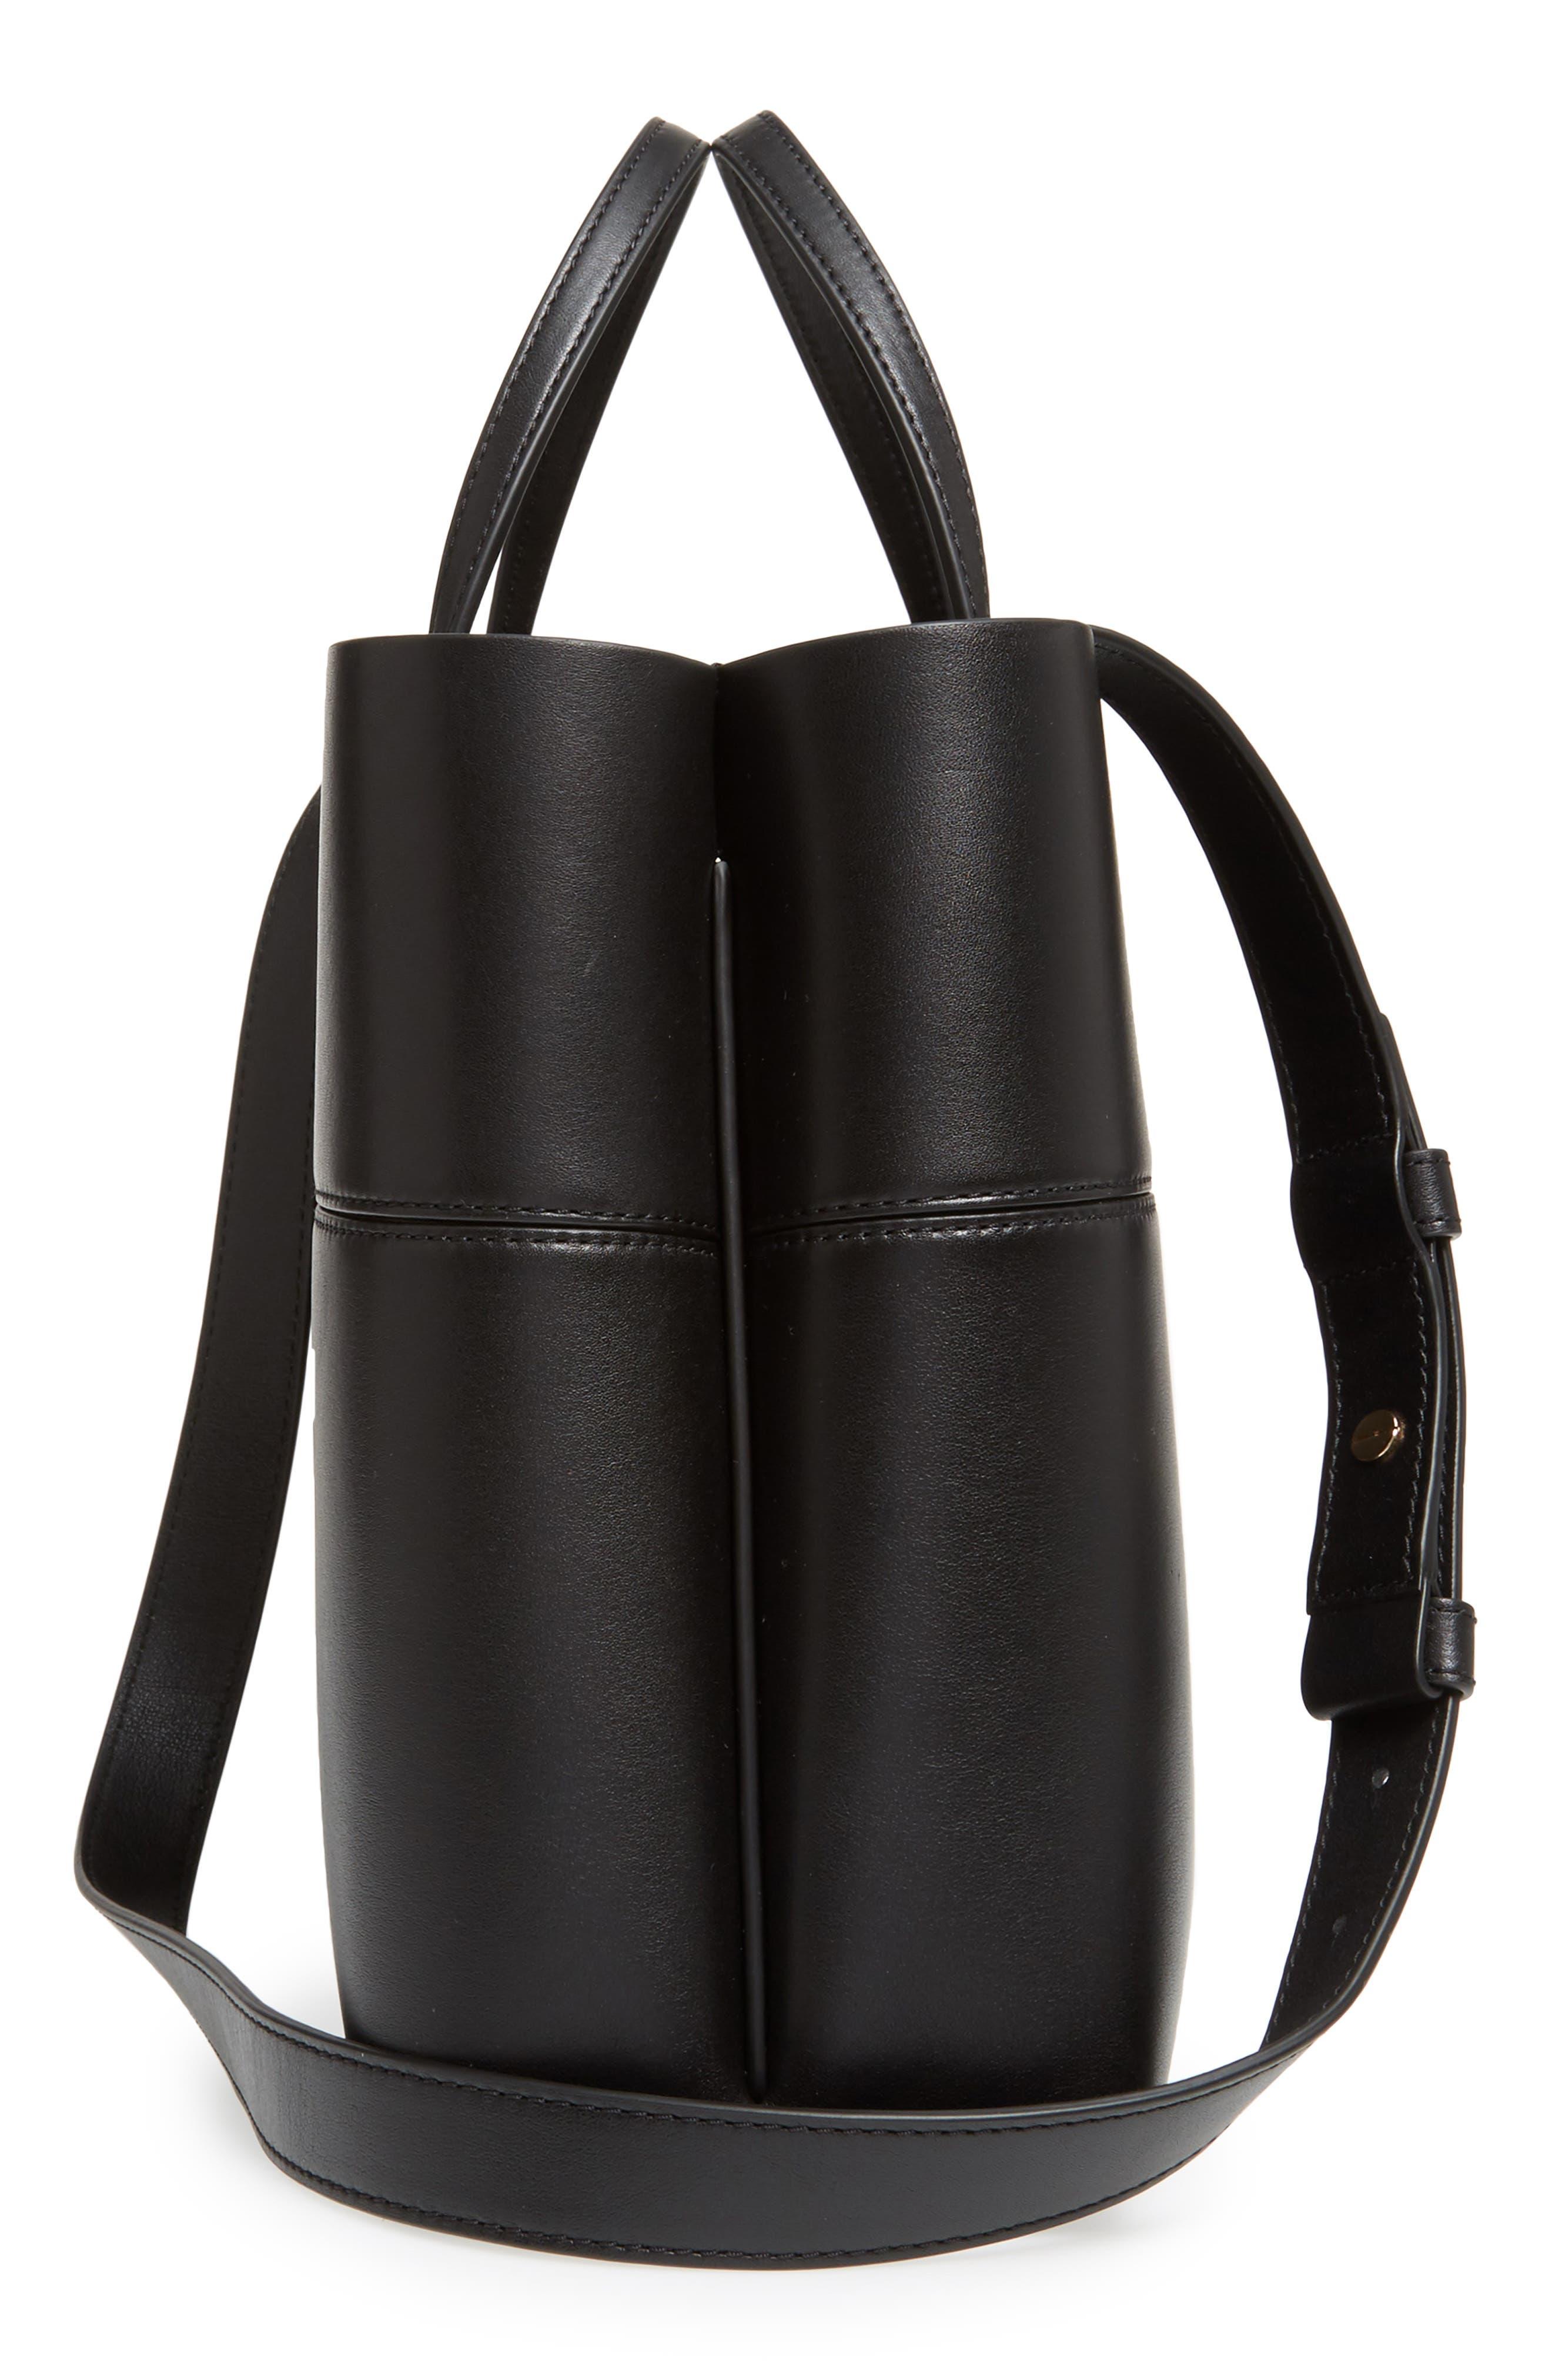 Block-T Leather Tote,                             Alternate thumbnail 4, color,                             Black/ Black